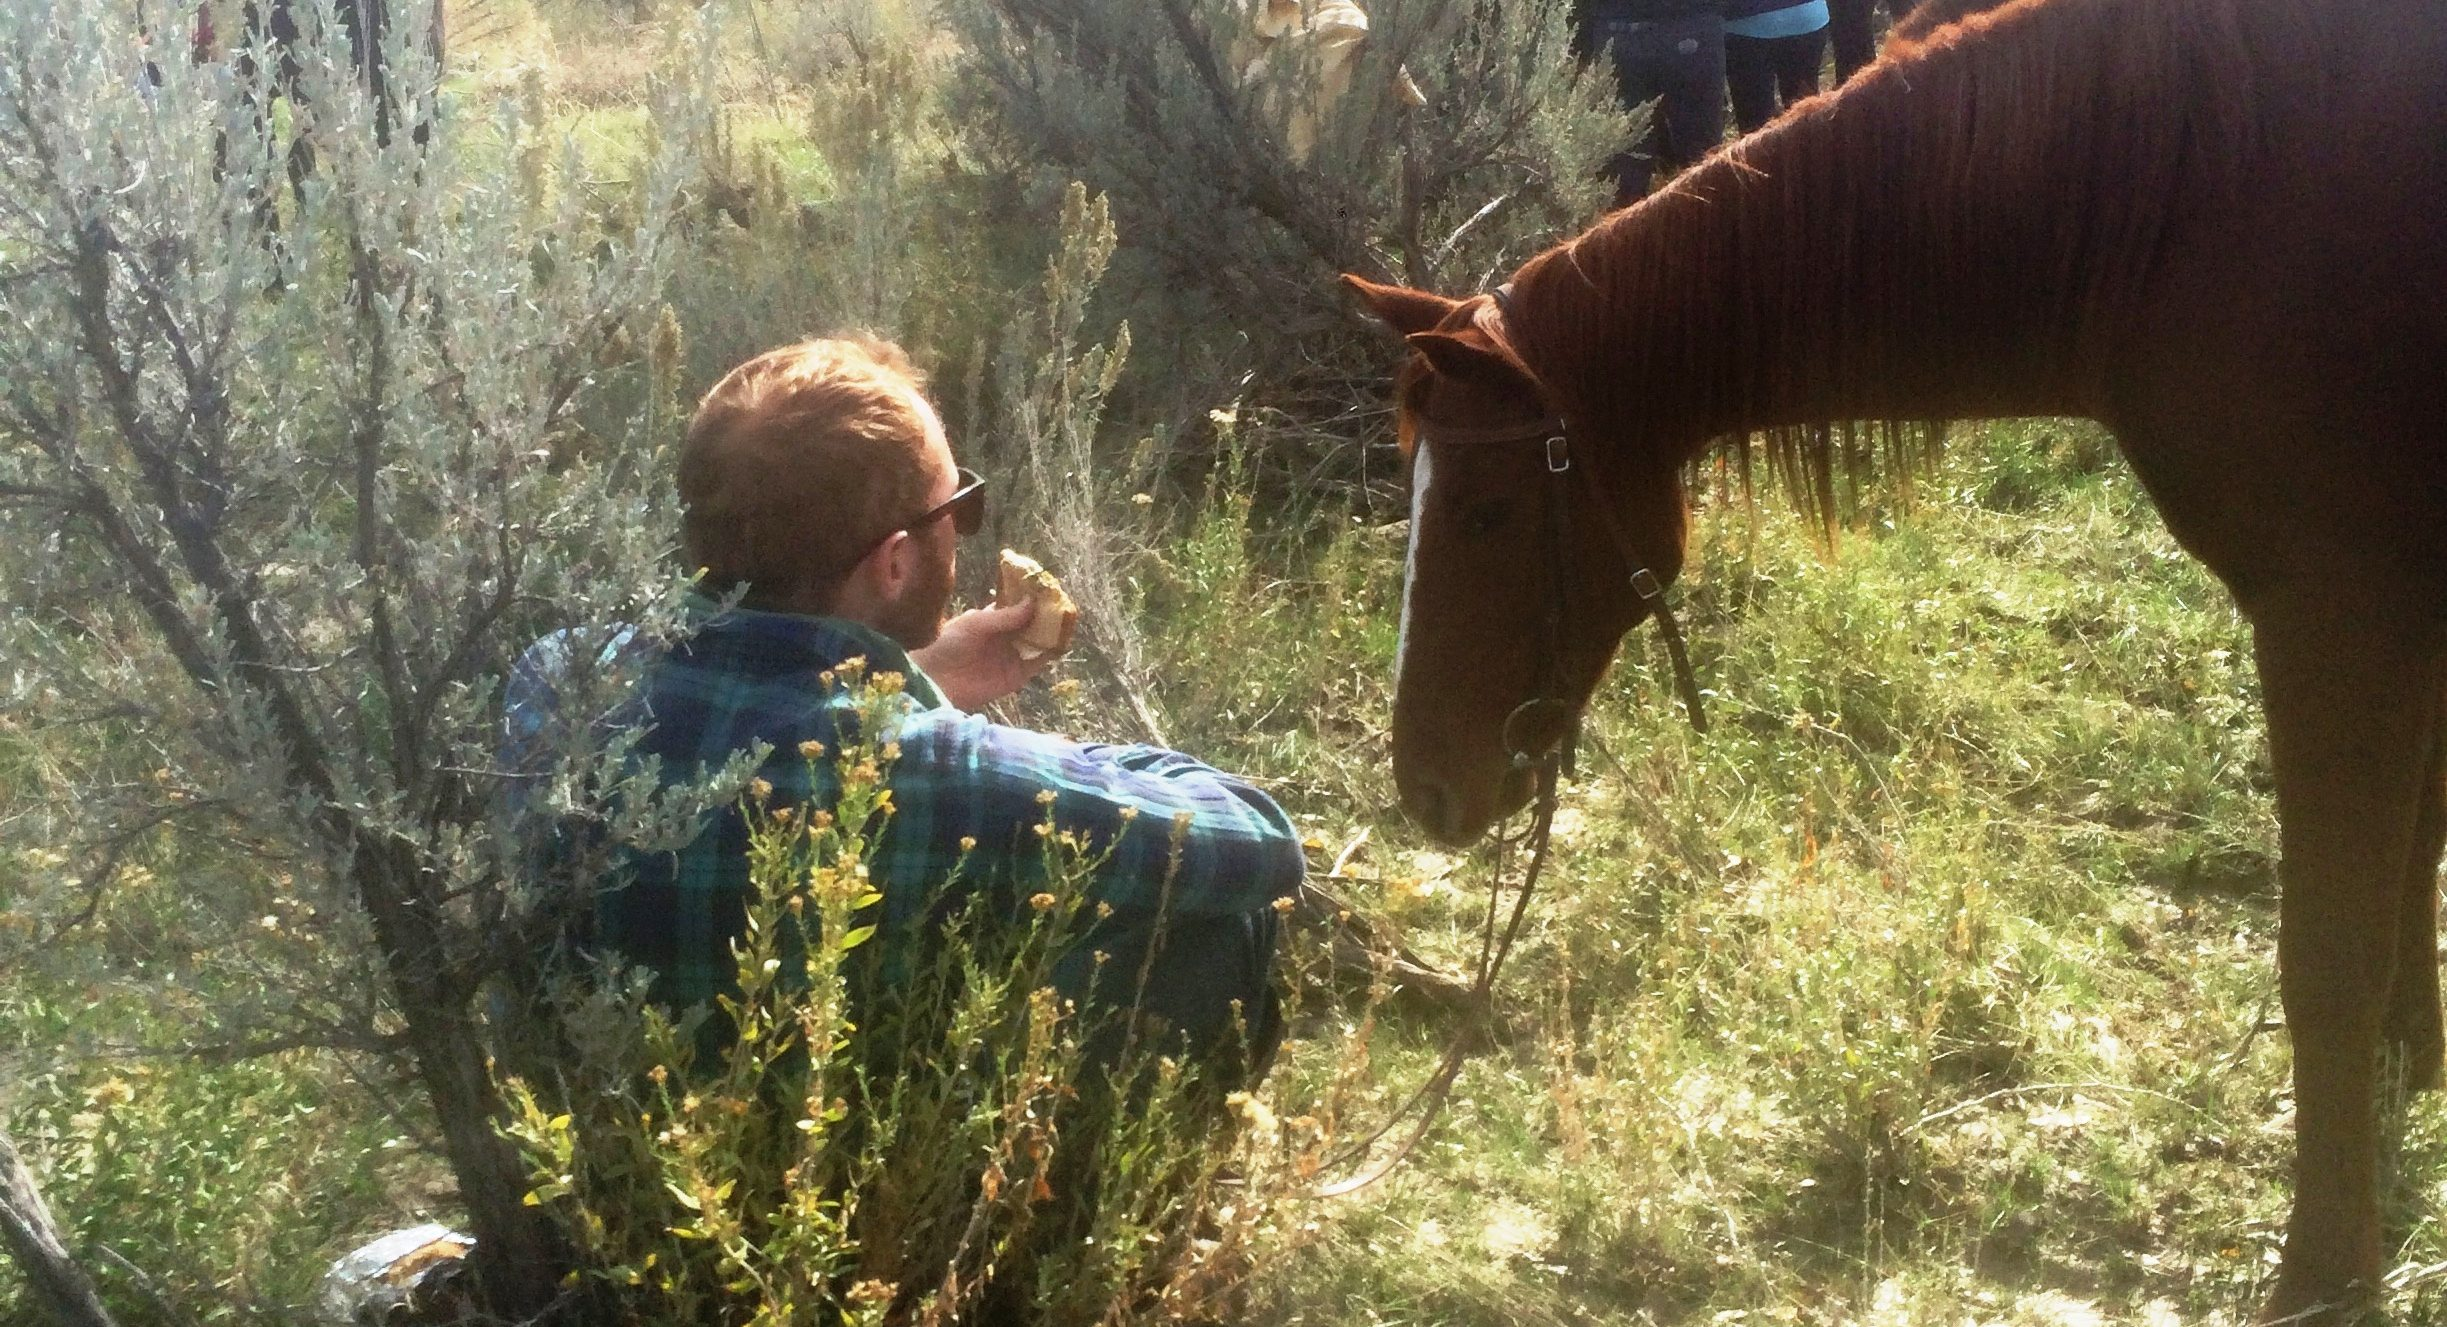 Horses_IMG_4443_HugoFrecka-ca-e1478298900993